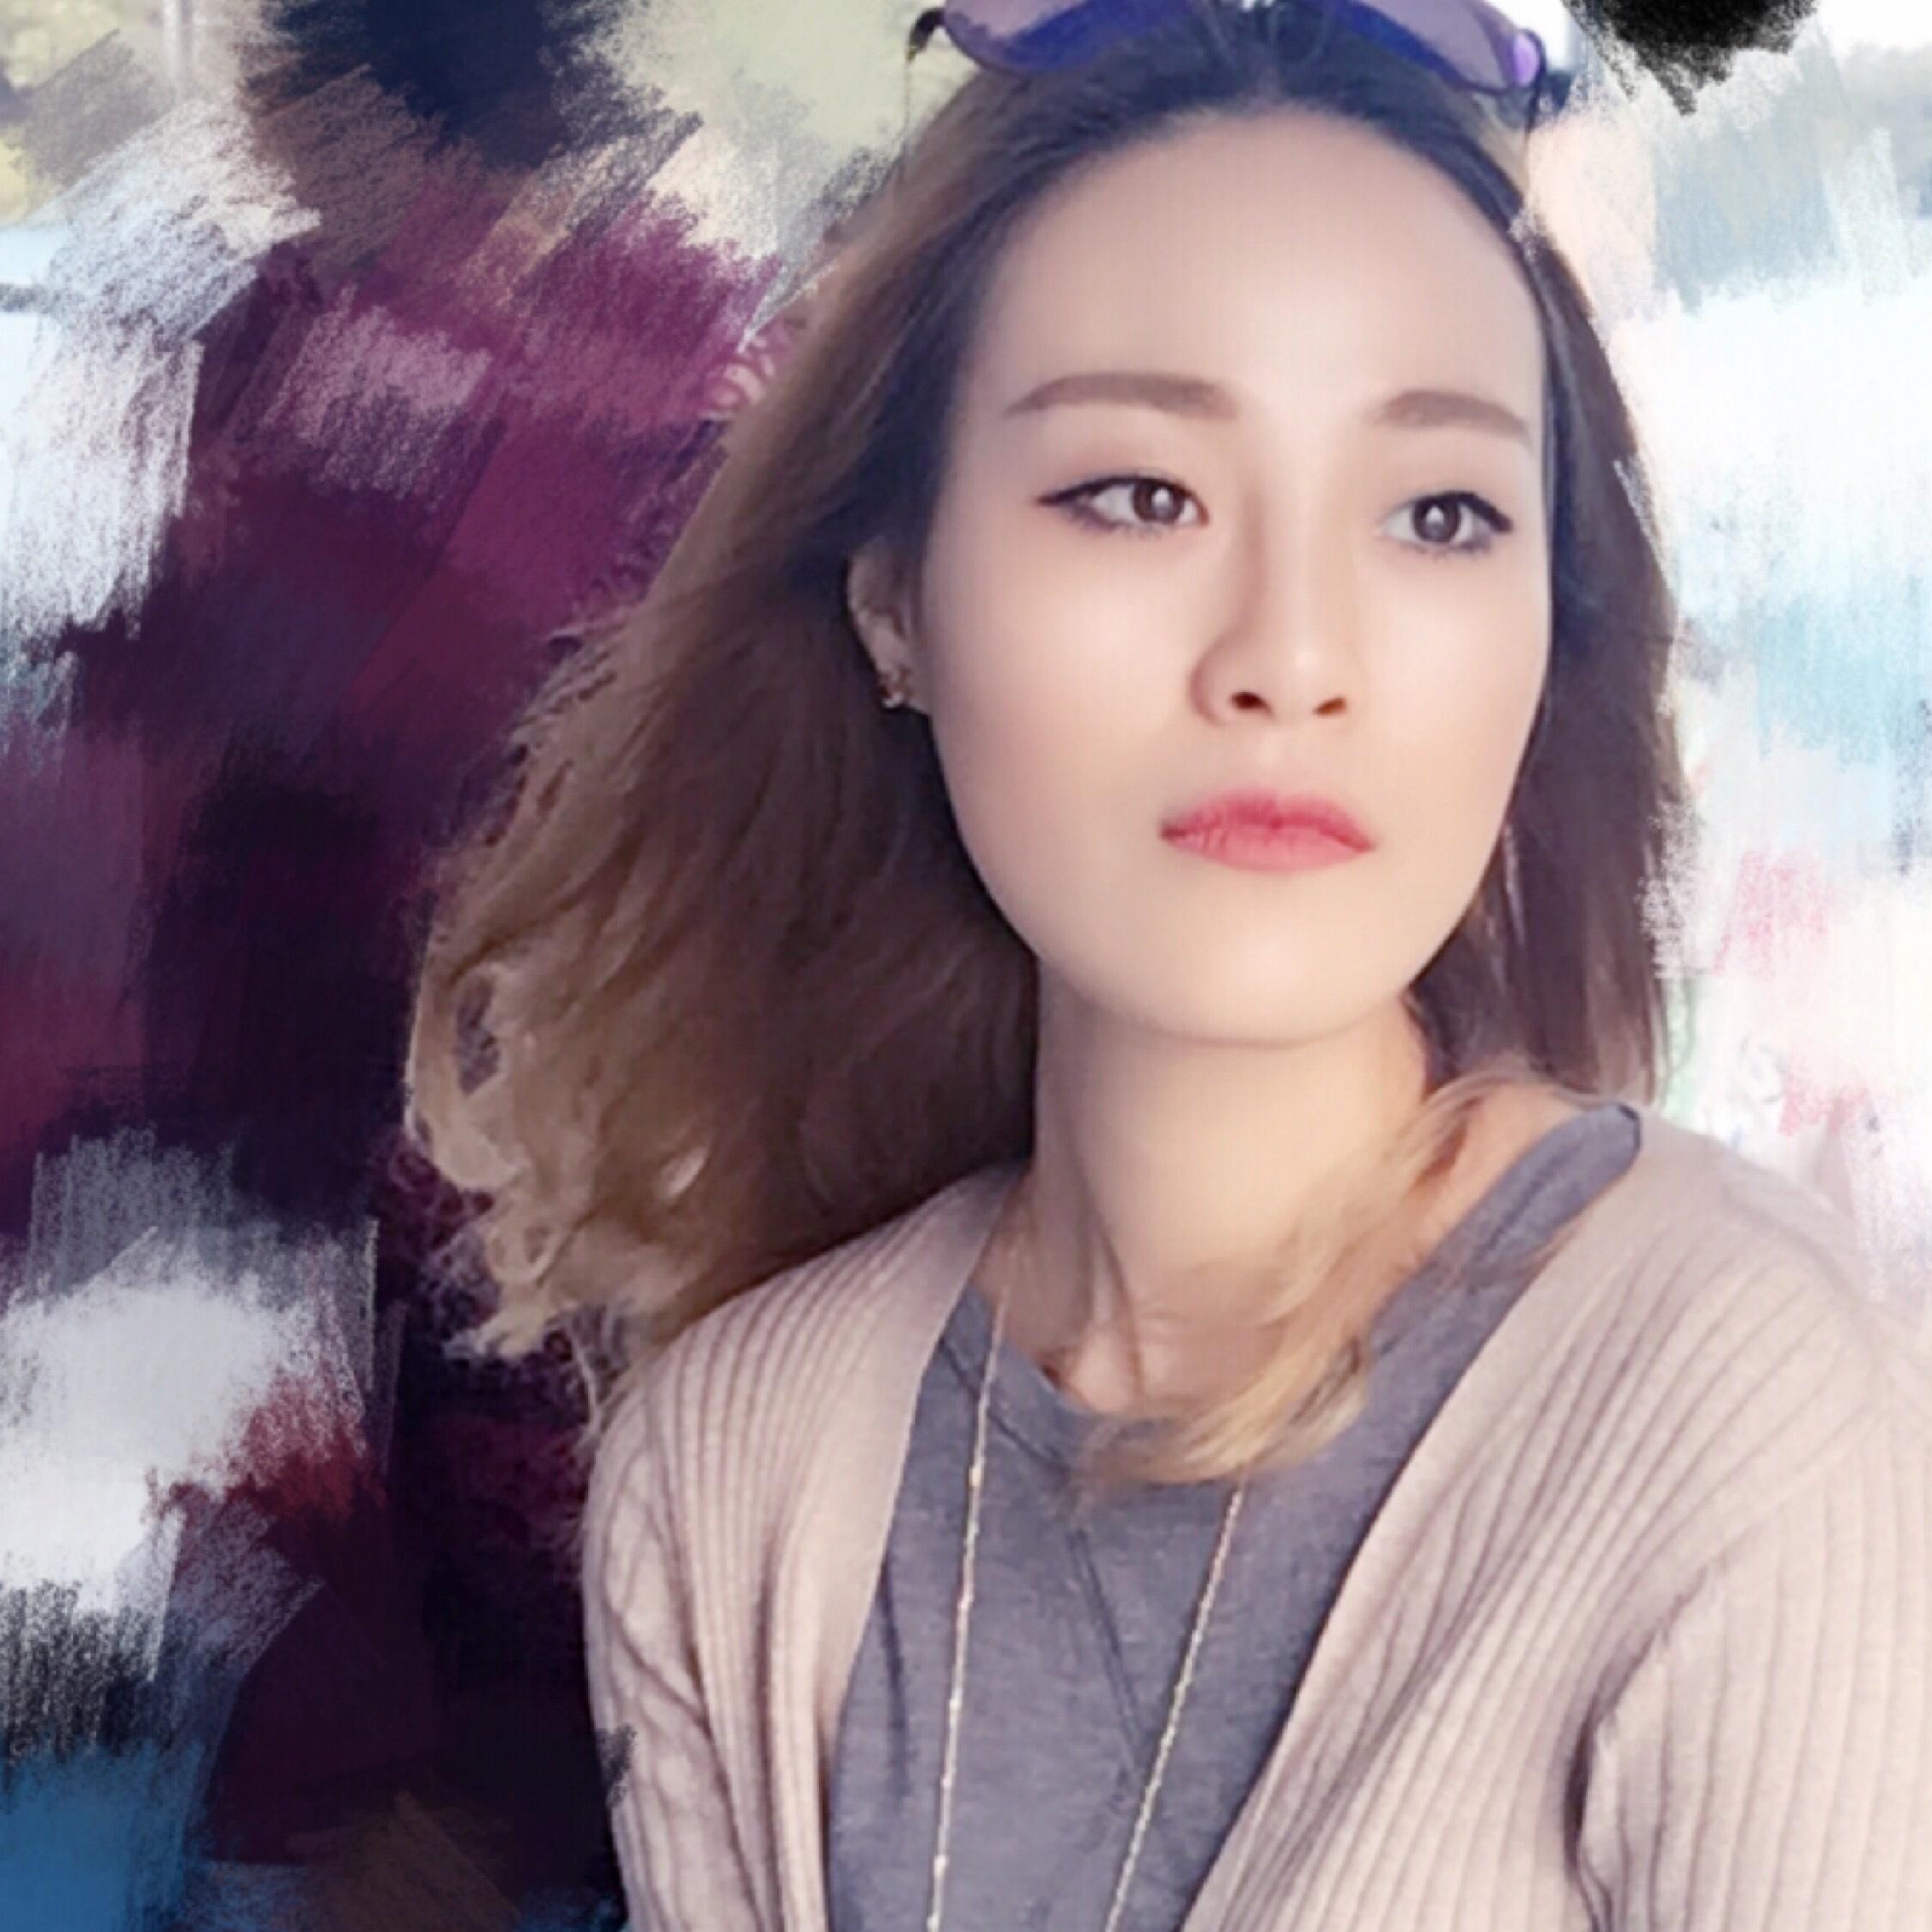 Jessica洁